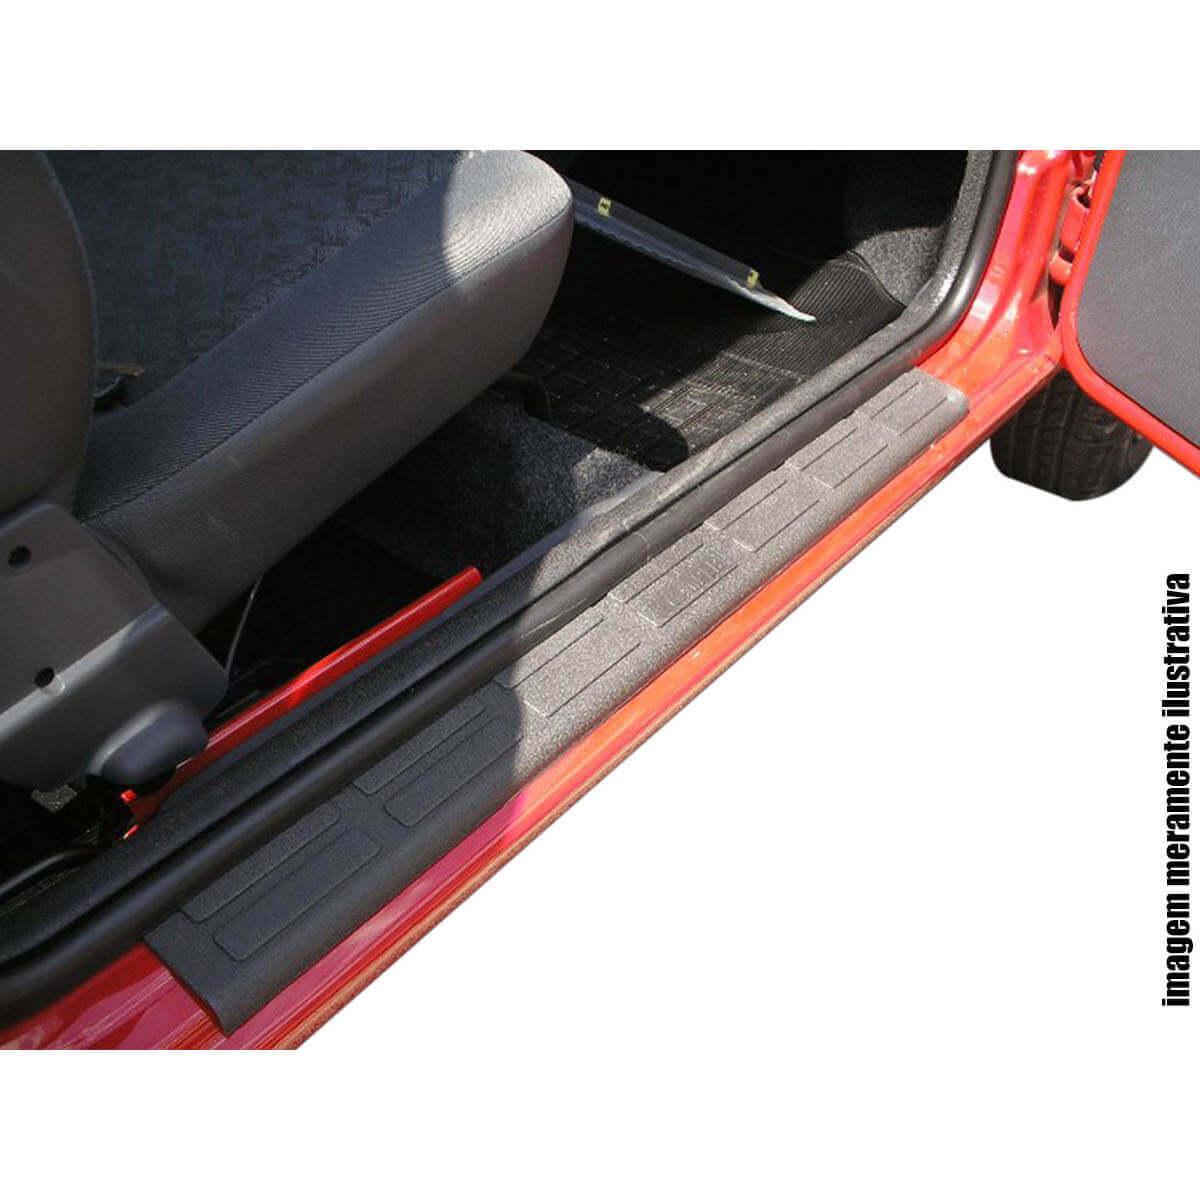 Protetor de soleira Nova S10 cabine dupla 2012 a 2018